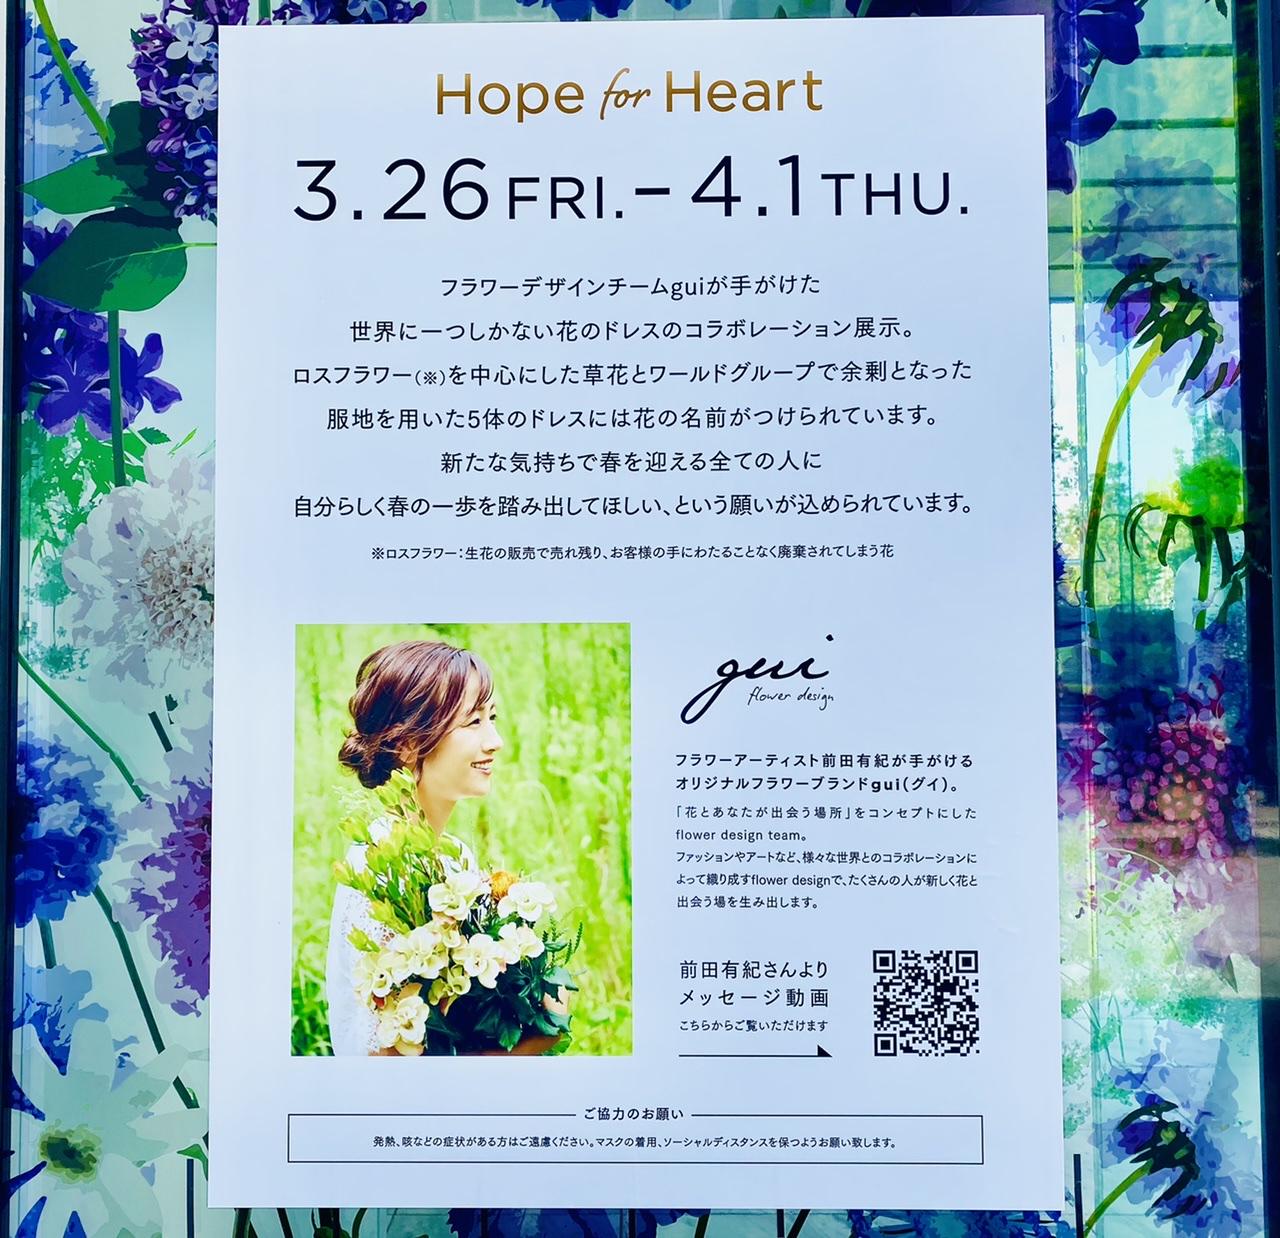 【ロスフラワーアート展】花のドレスが圧巻!春の花束フラワーショップもOPEN♡_2